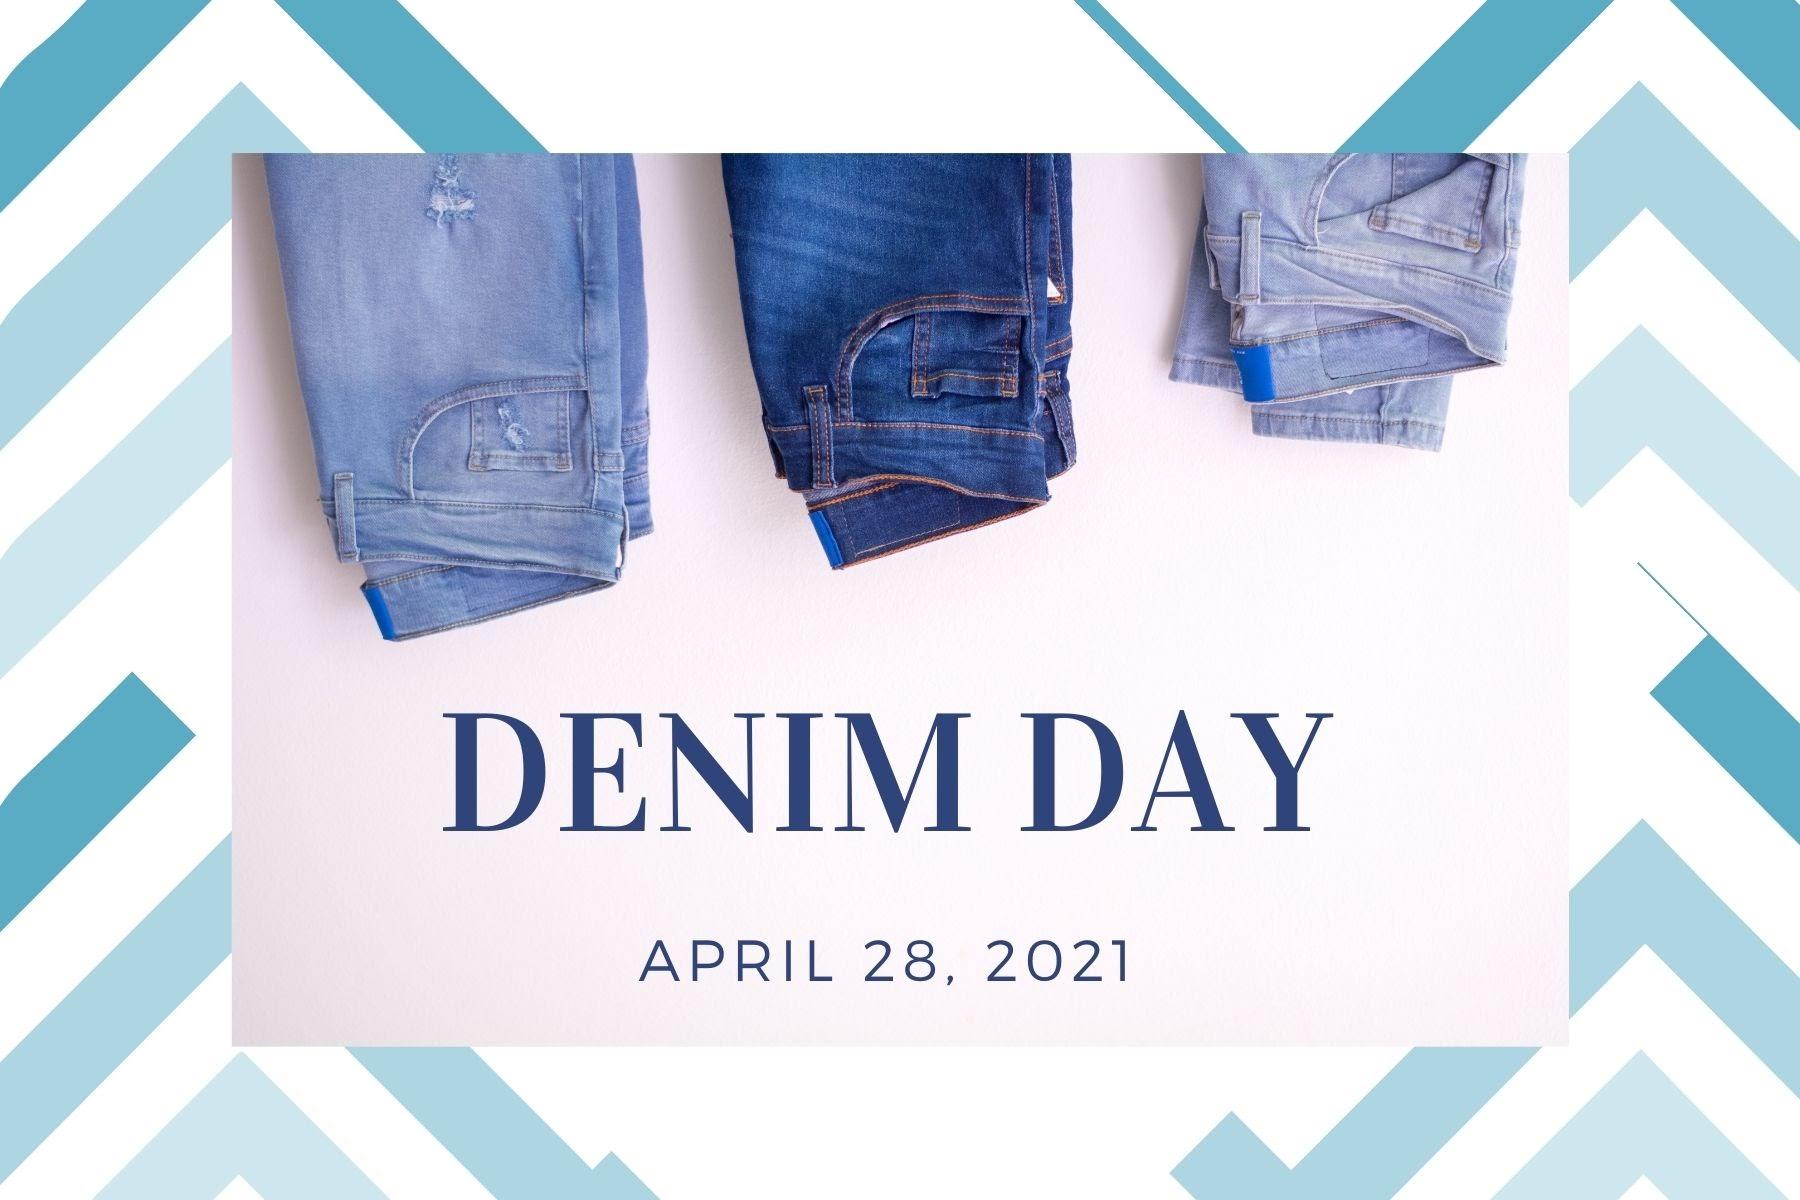 Denim Day, April 28, 2021